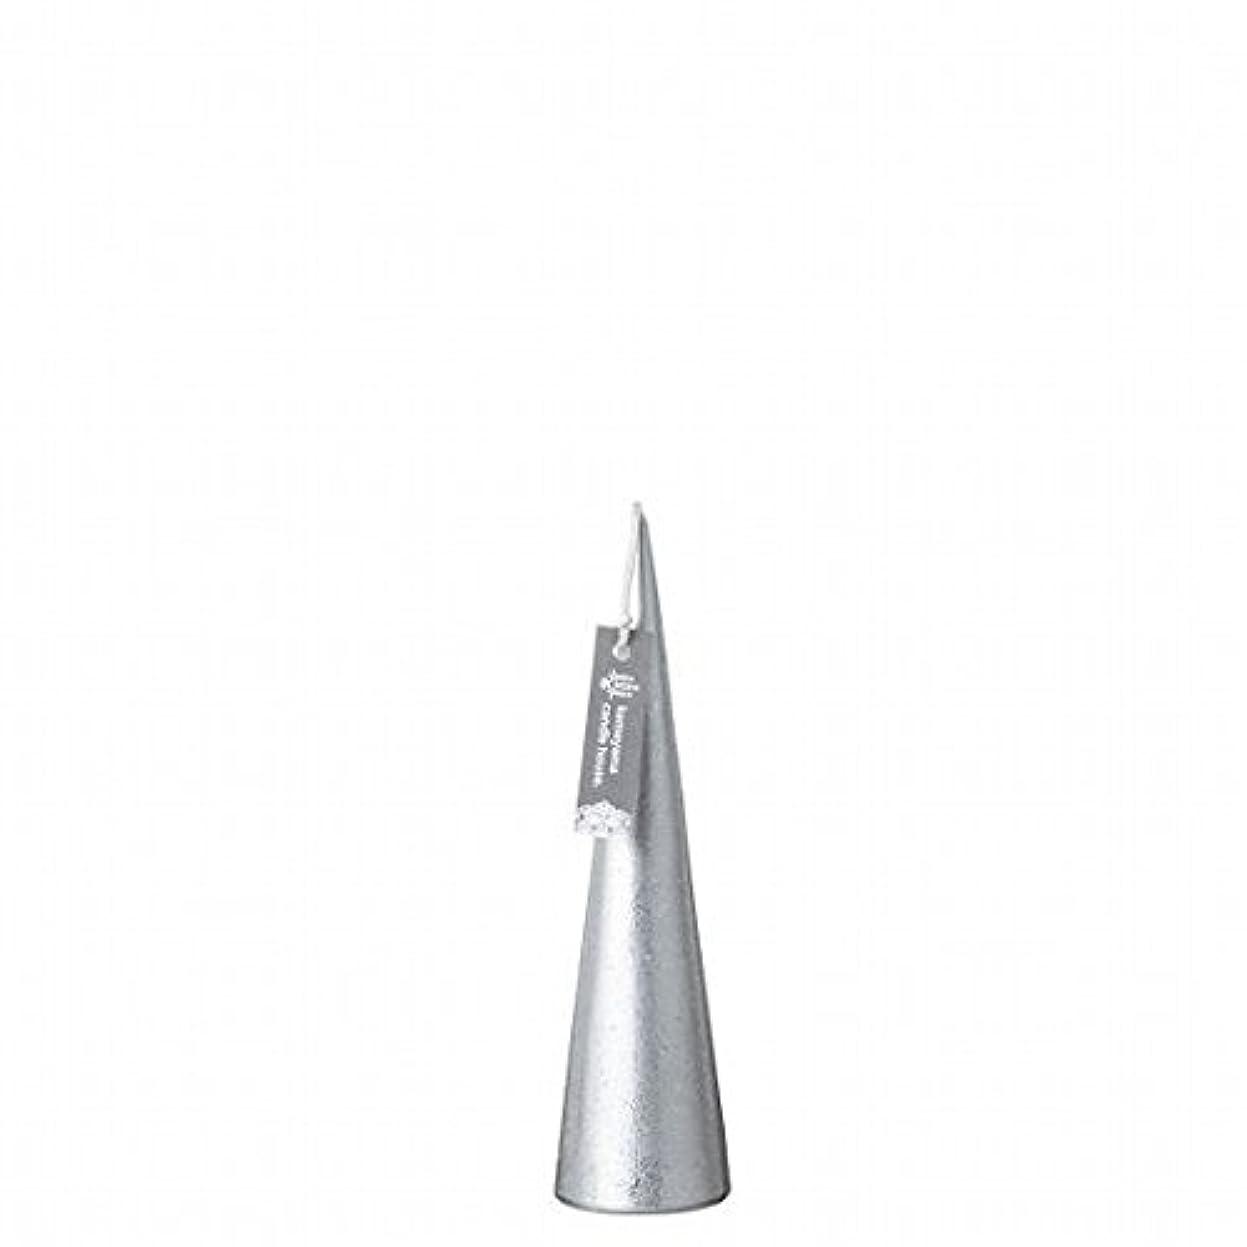 通知狂う車kameyama candle(カメヤマキャンドル) メタリックコーンS 「 シルバー 」(A9560100SI)